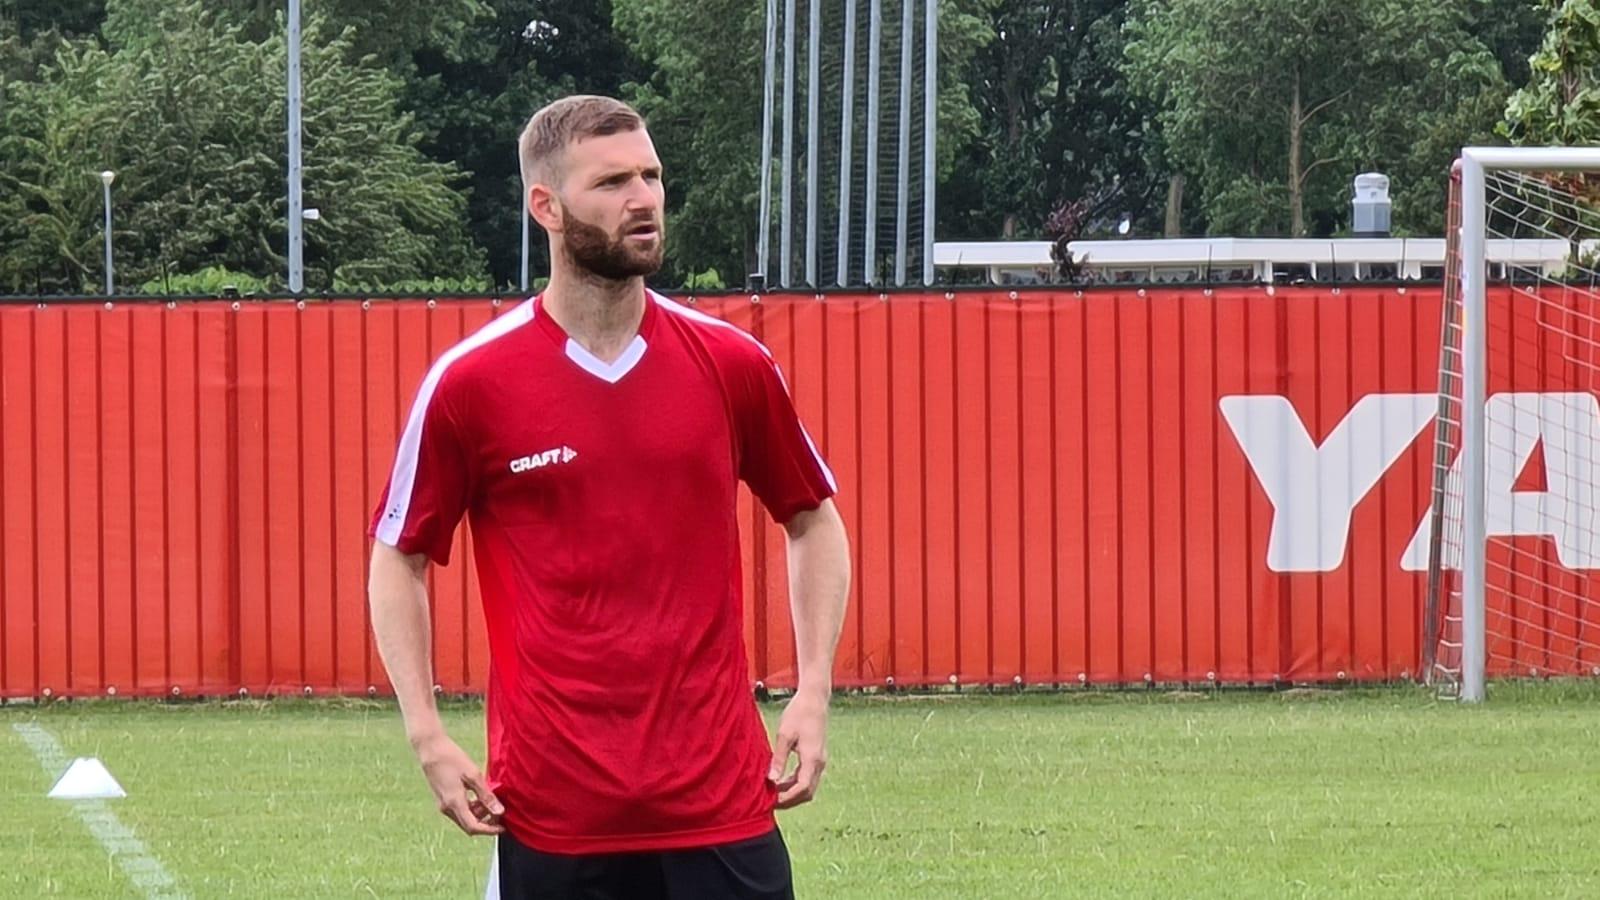 Franse proefspeler verschijnt op eerste training Almere City FC